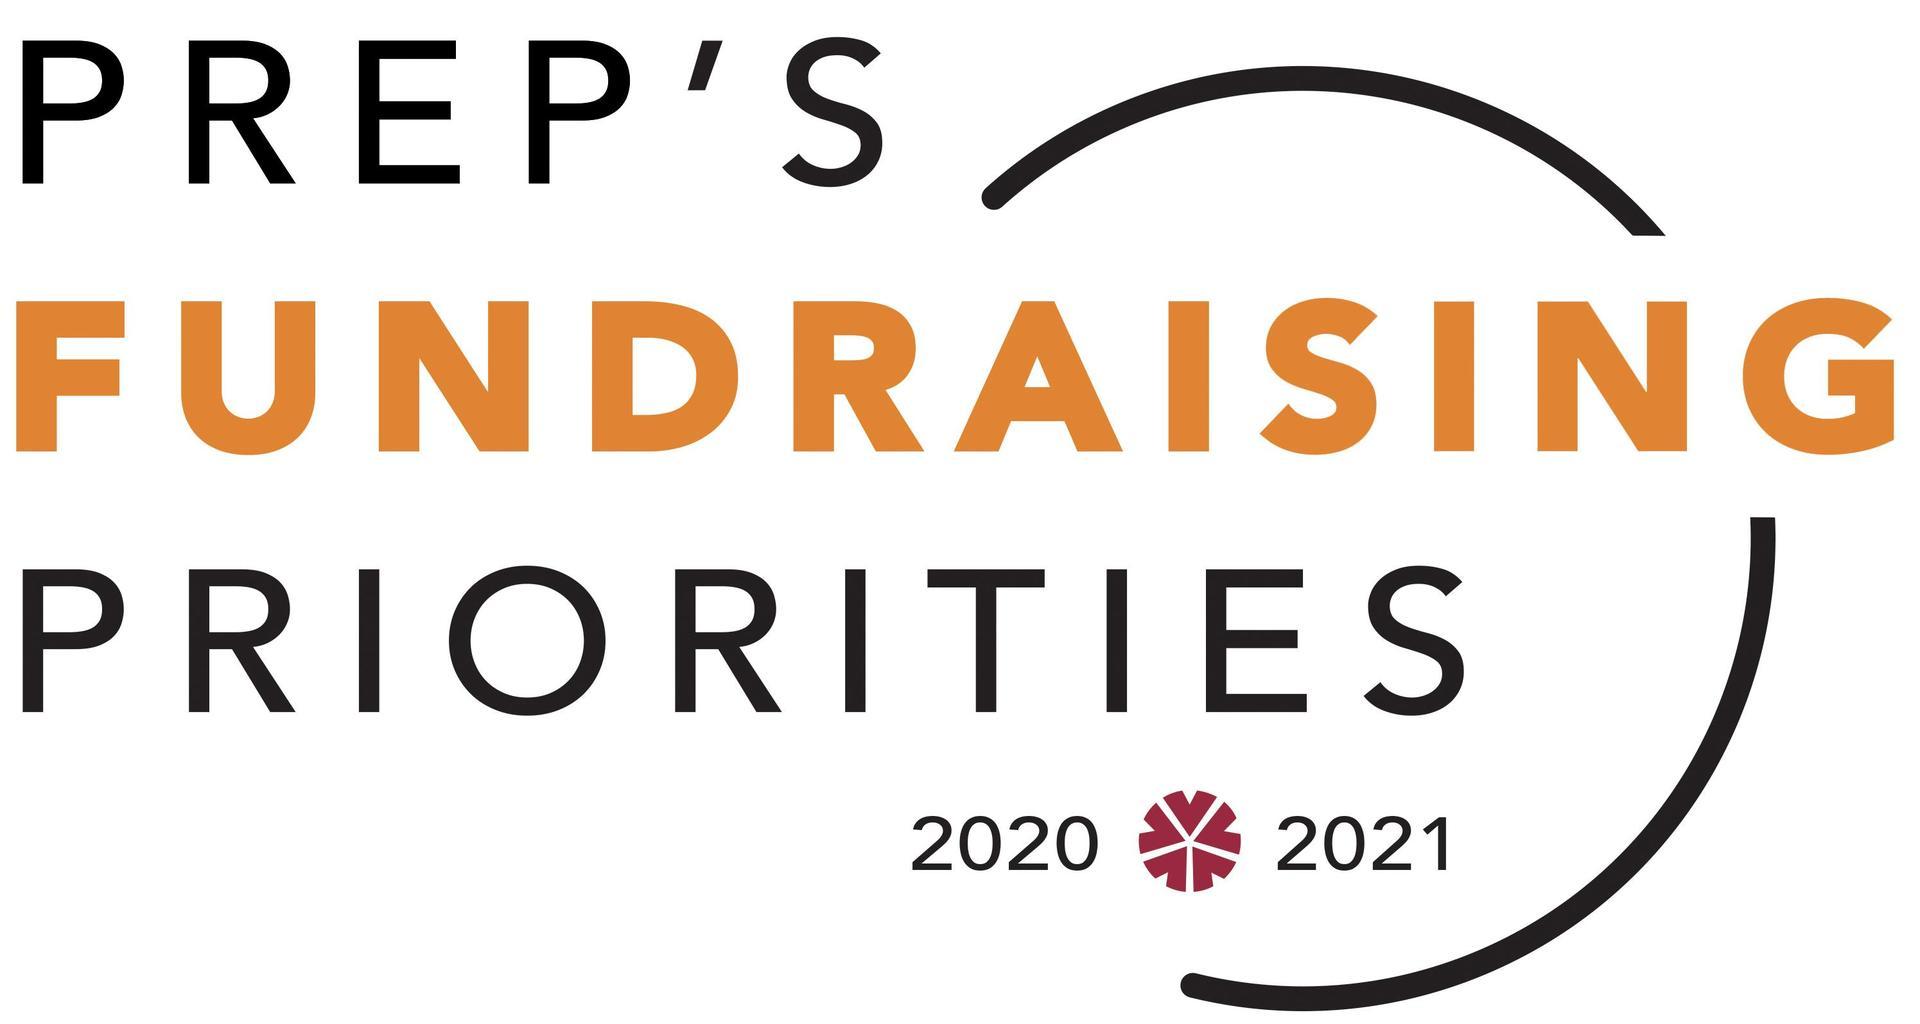 Fundraising Priorities